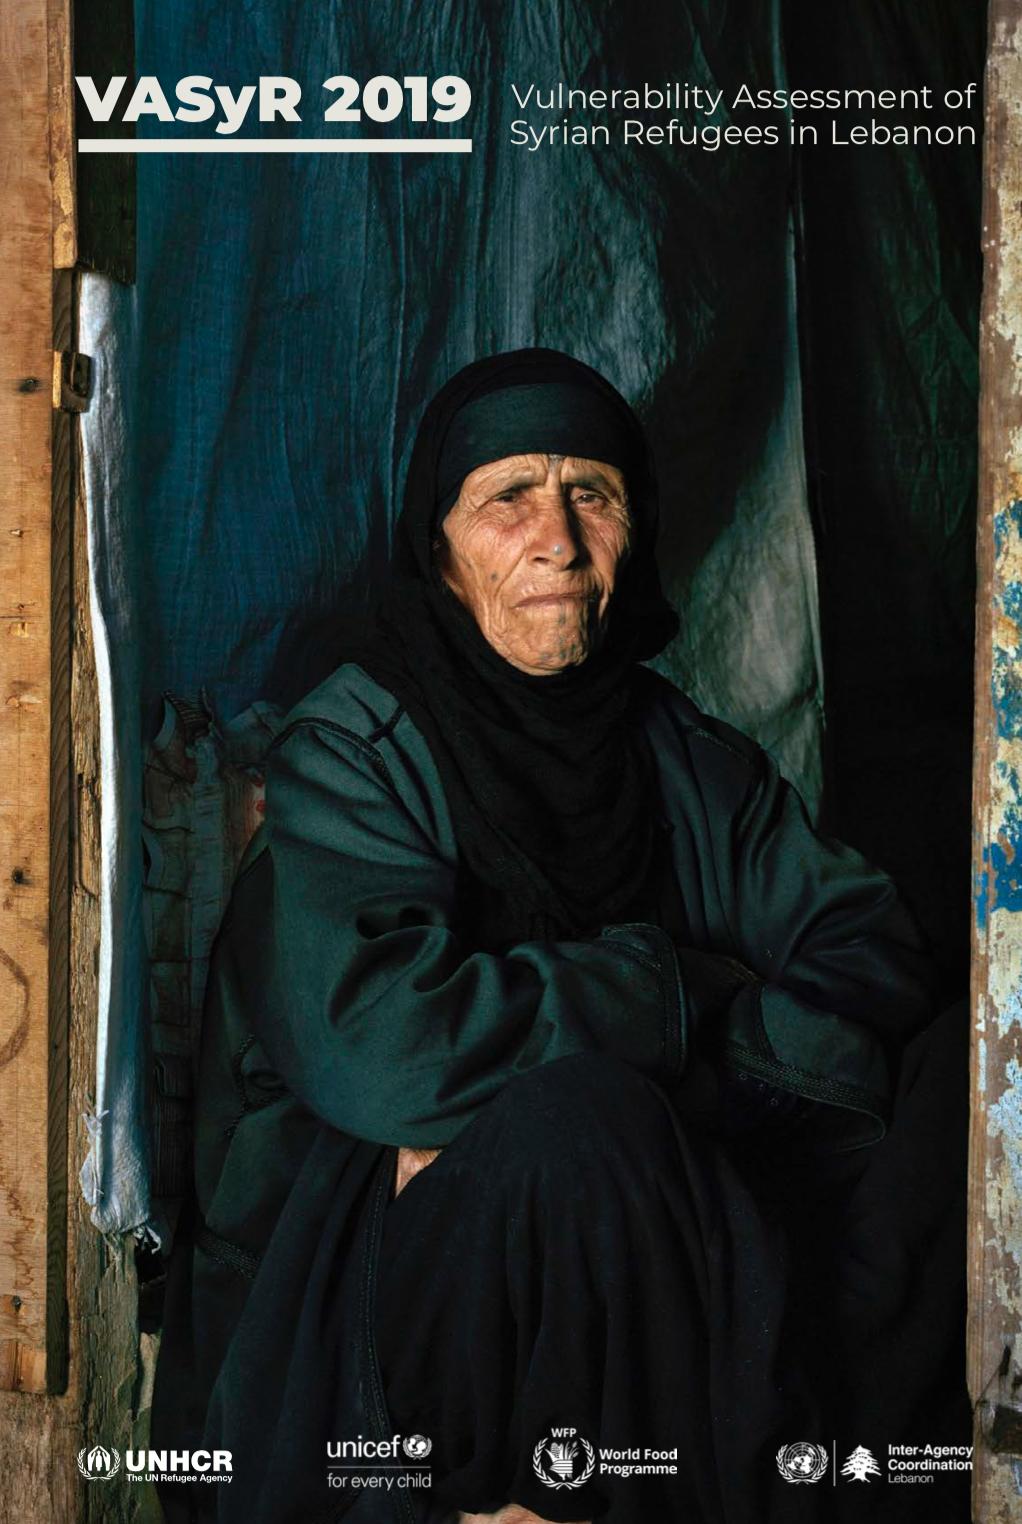 Vulnerability Assessment of Syrian Refugees in Lebanon (VASyR) 2019